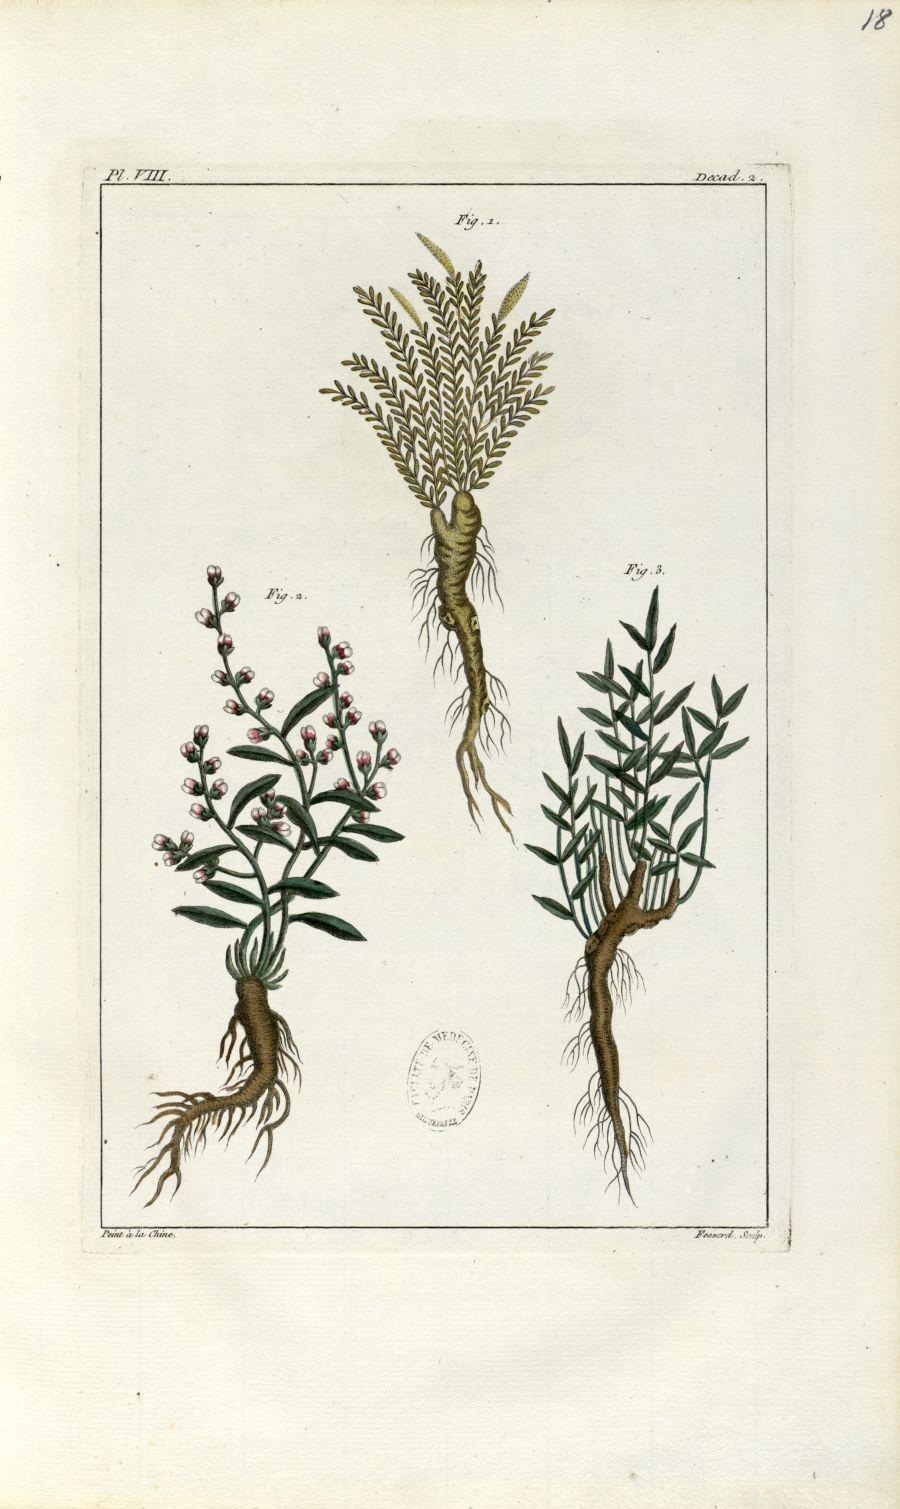 Planche VIII. Decad. 2 - Herbier ou collection des plantes médicinales de la Chine d'après un manusc [...] - Botanique. Plantes (médecine). Chine. 18e siècle - med01989x0021